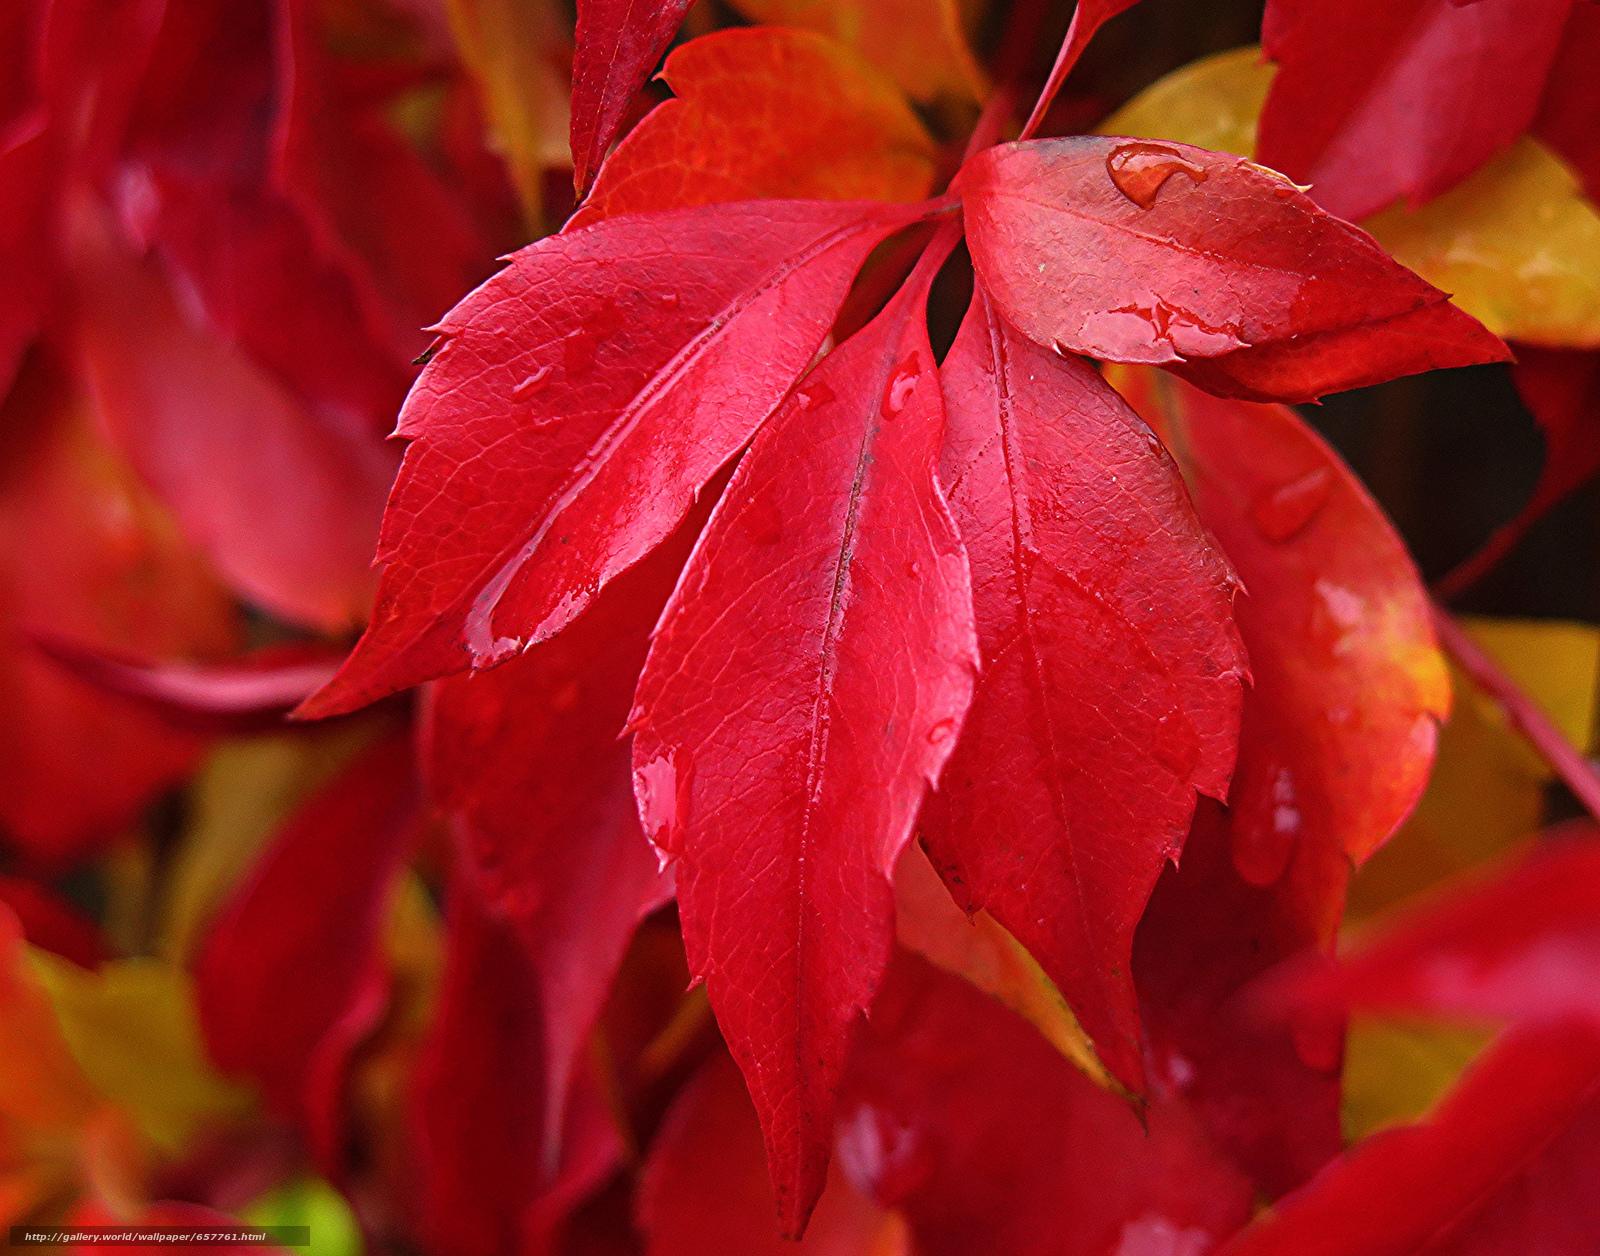 Скачать обои ветка,  листья,  осень,  капли бесплатно для рабочего стола в разрешении 2048x1608 — картинка №657761